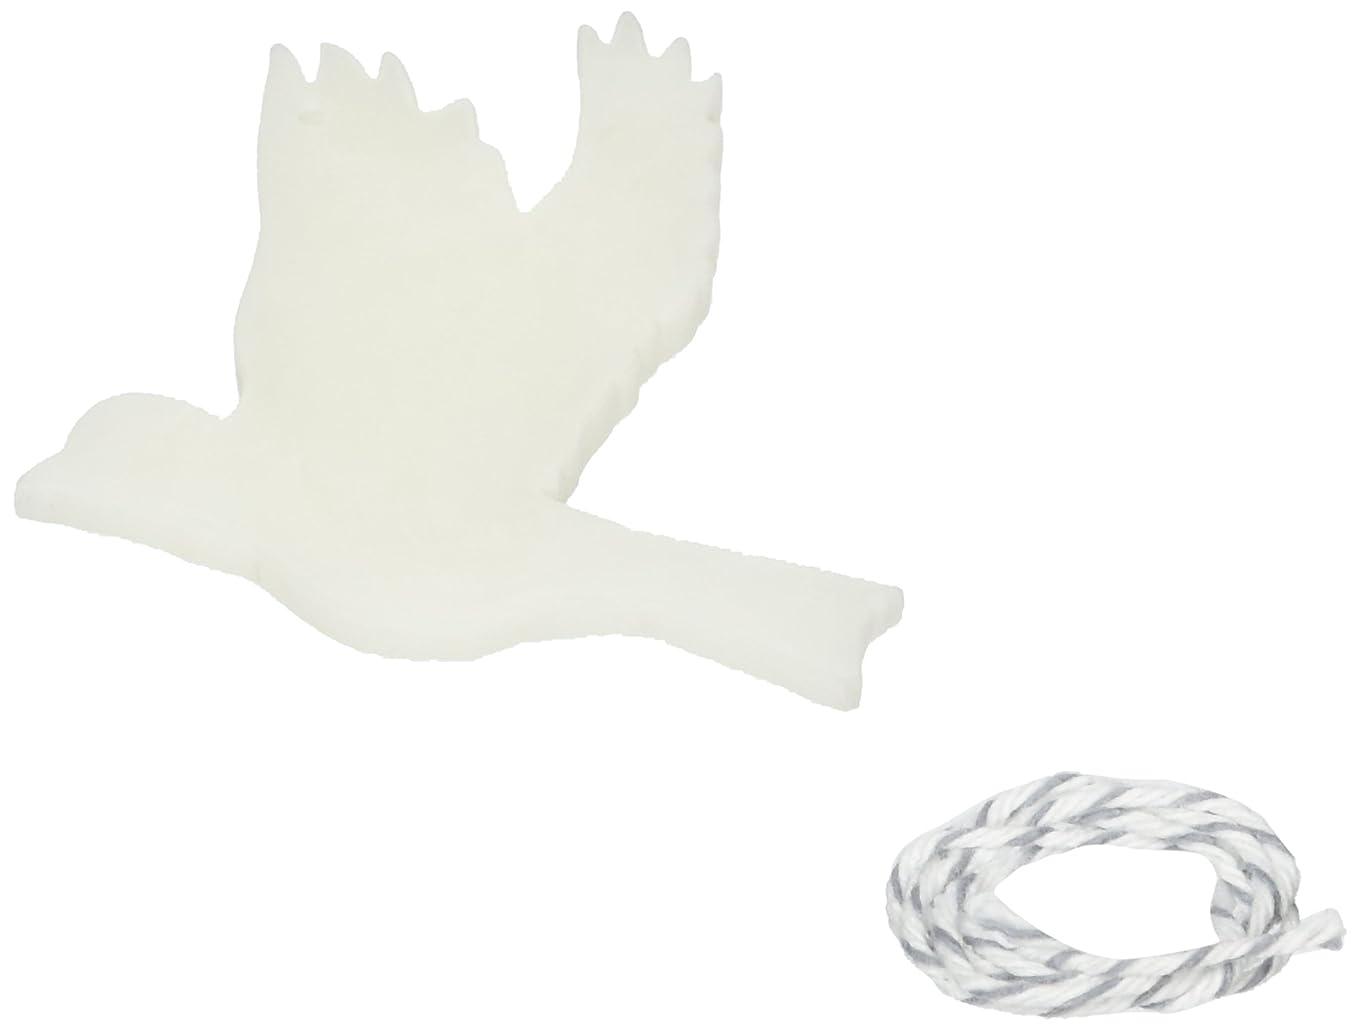 モッキンバードレタッチ桃GRASSE TOKYO AROMATICWAXチャーム「ハト」(WH) スイートマジョラム アロマティックワックス グラーストウキョウ